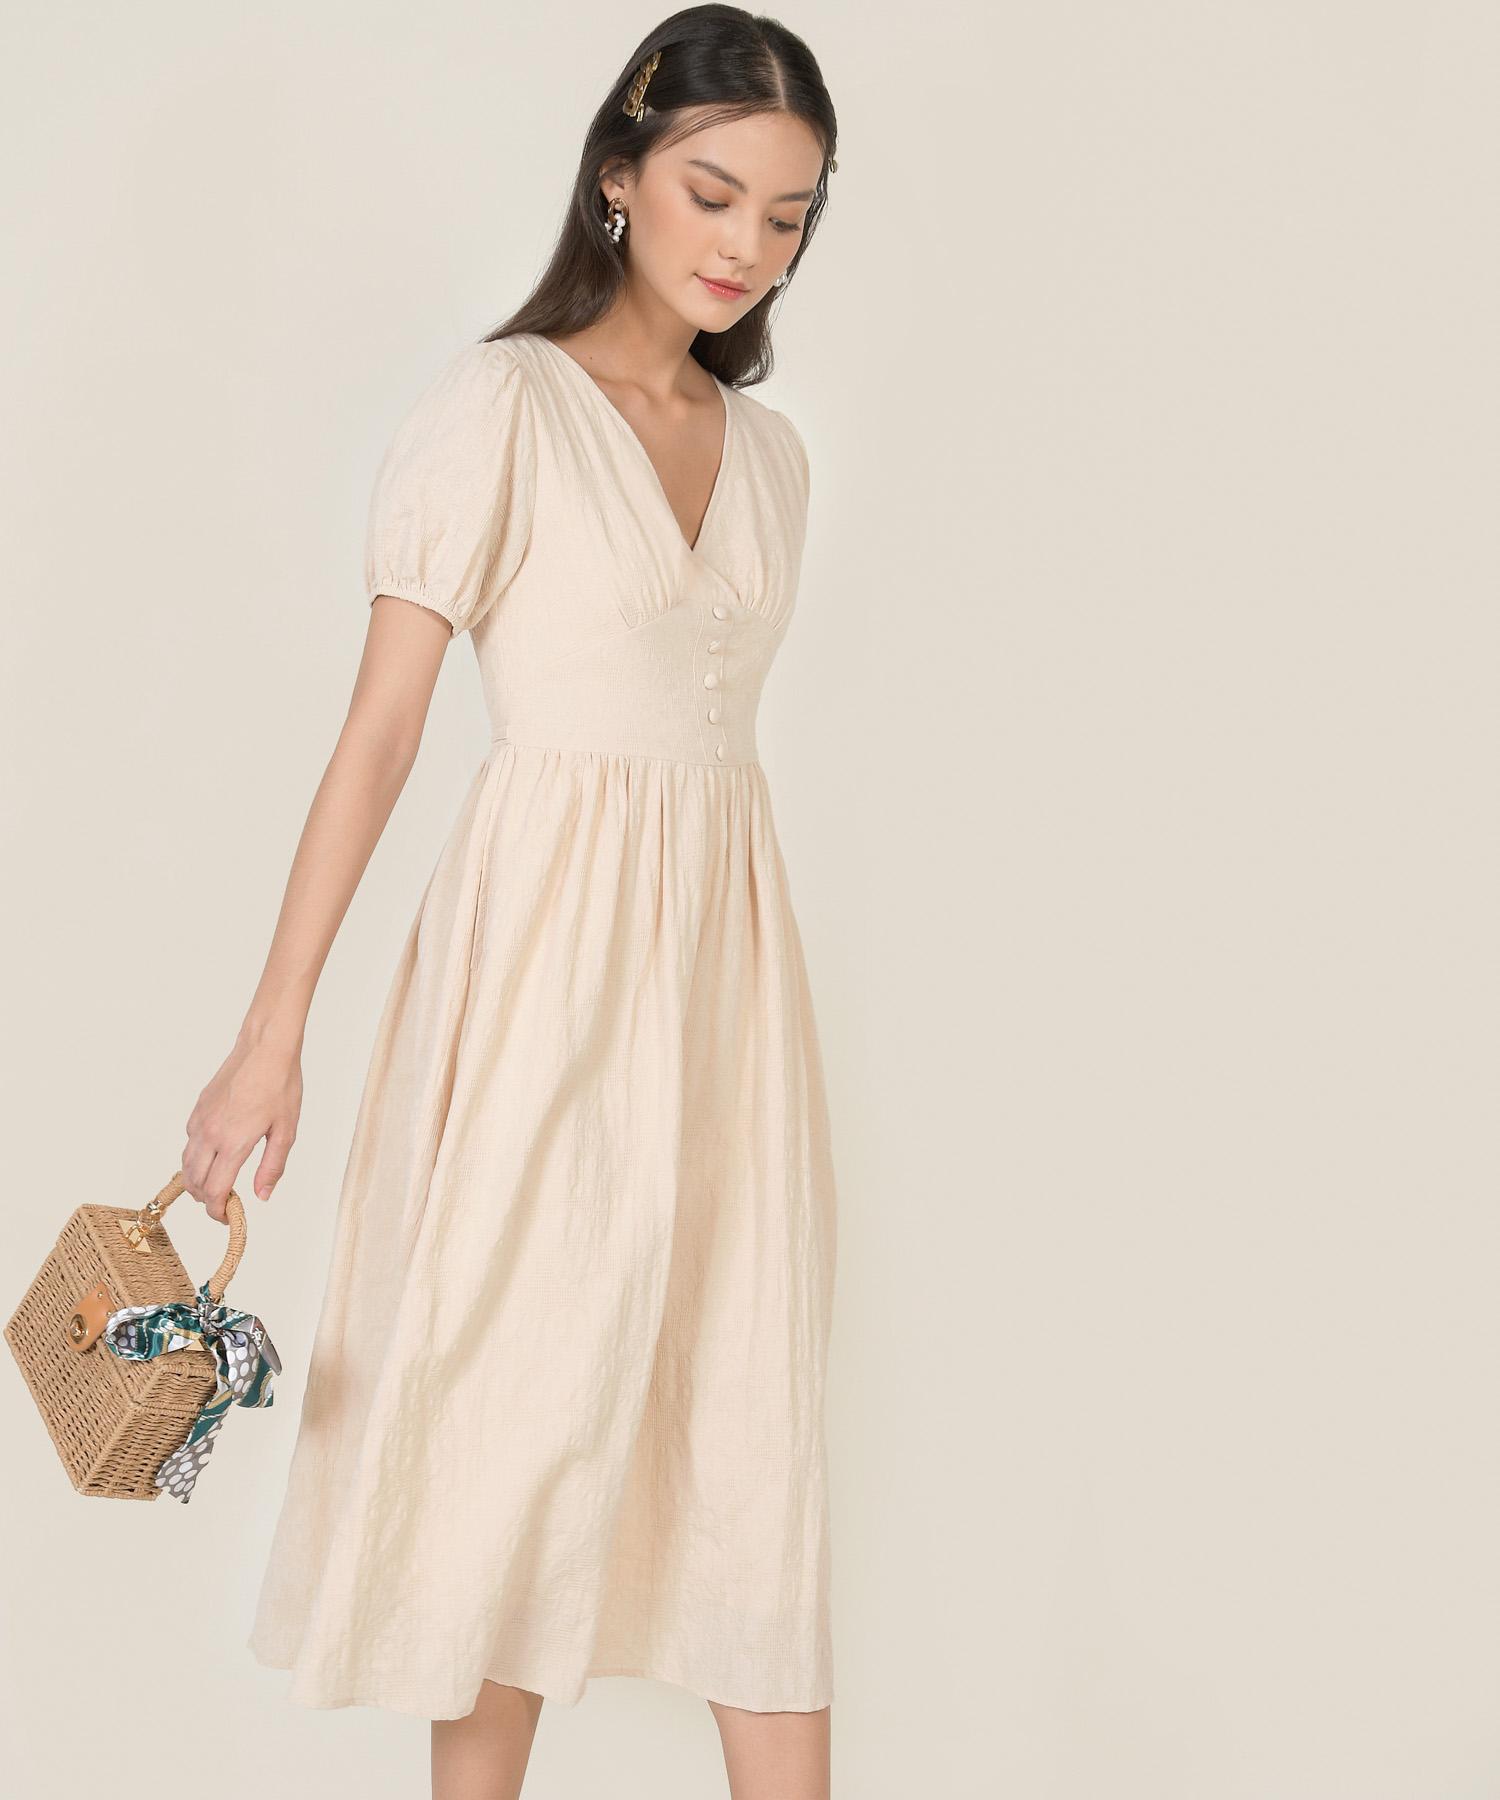 lillet-textured-midi-dress-ecru-1